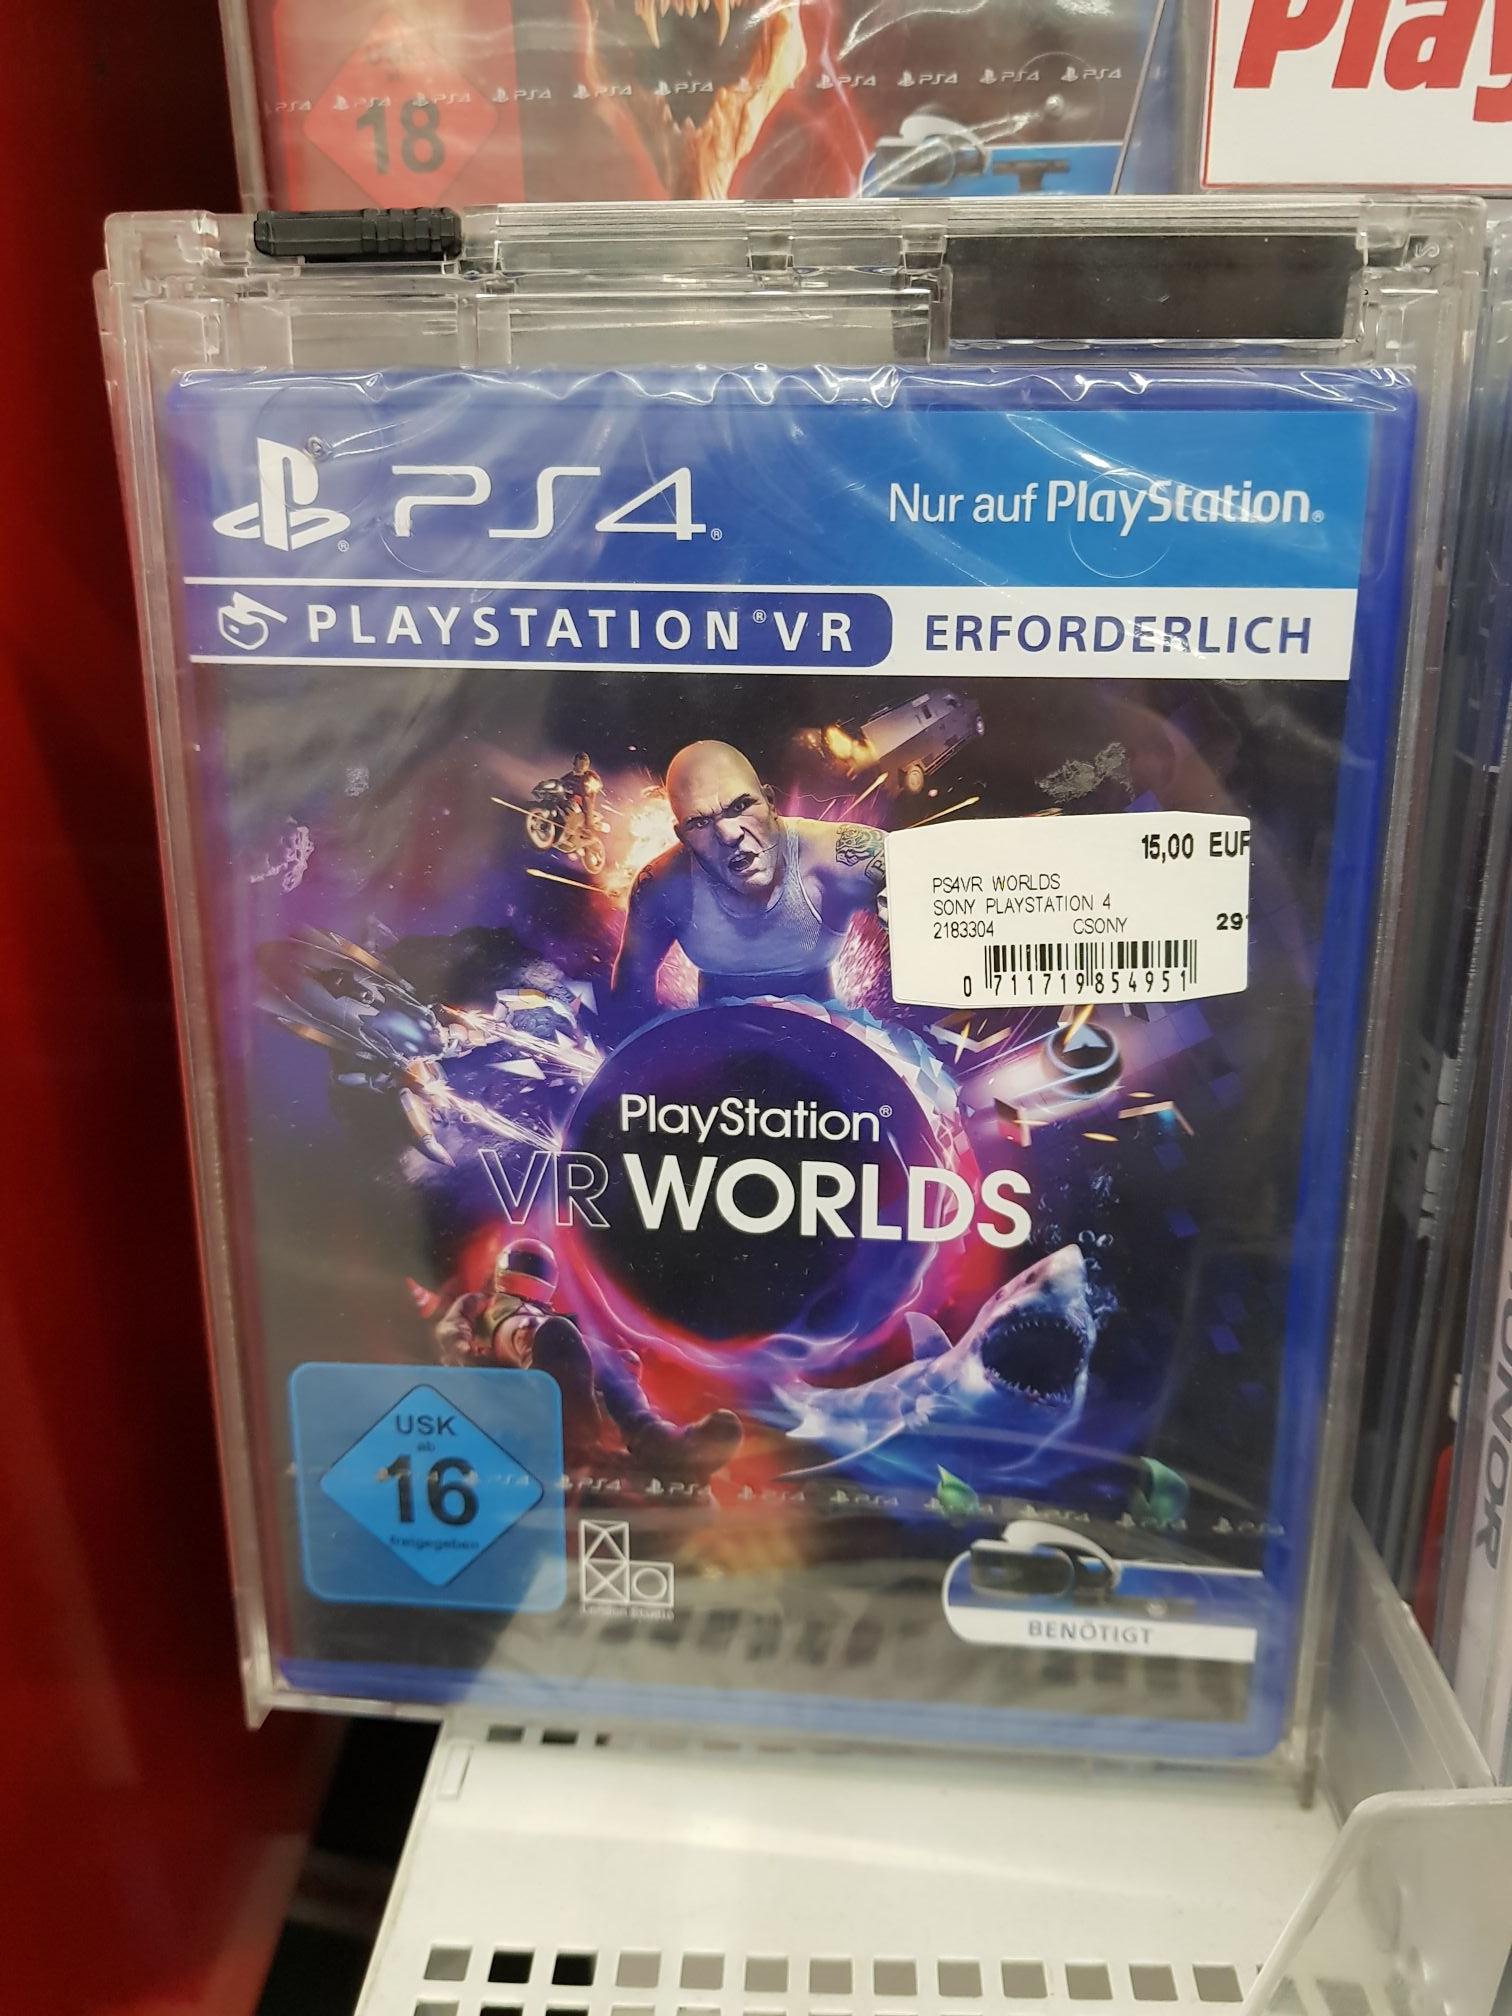 [Mediamarkt Düsseldorf] VR Worlds für PS4 PSVR und Driveclub VR